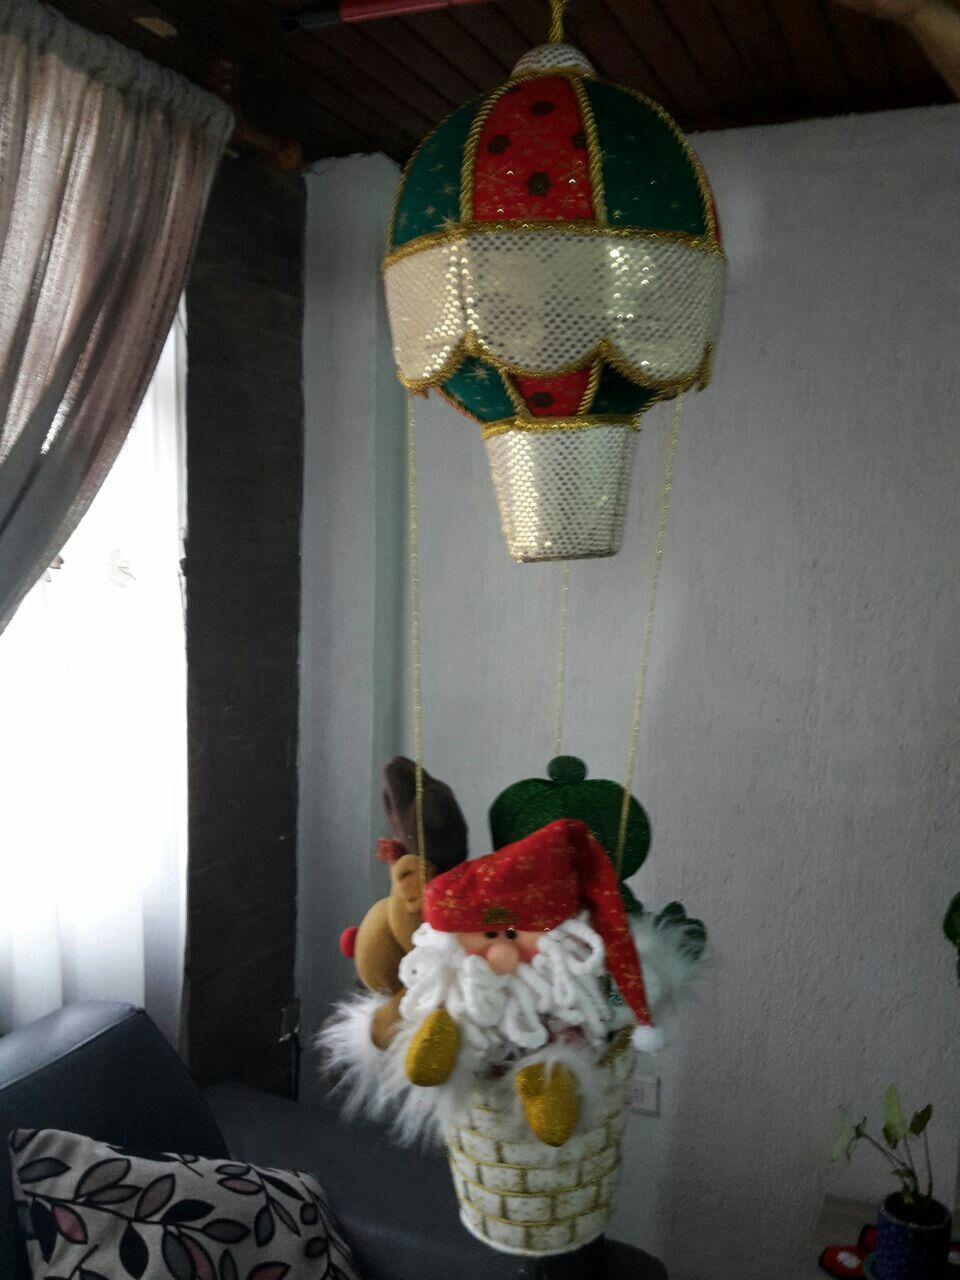 Globo noel y sus amigos decoracion navideña y lenceria de hogar